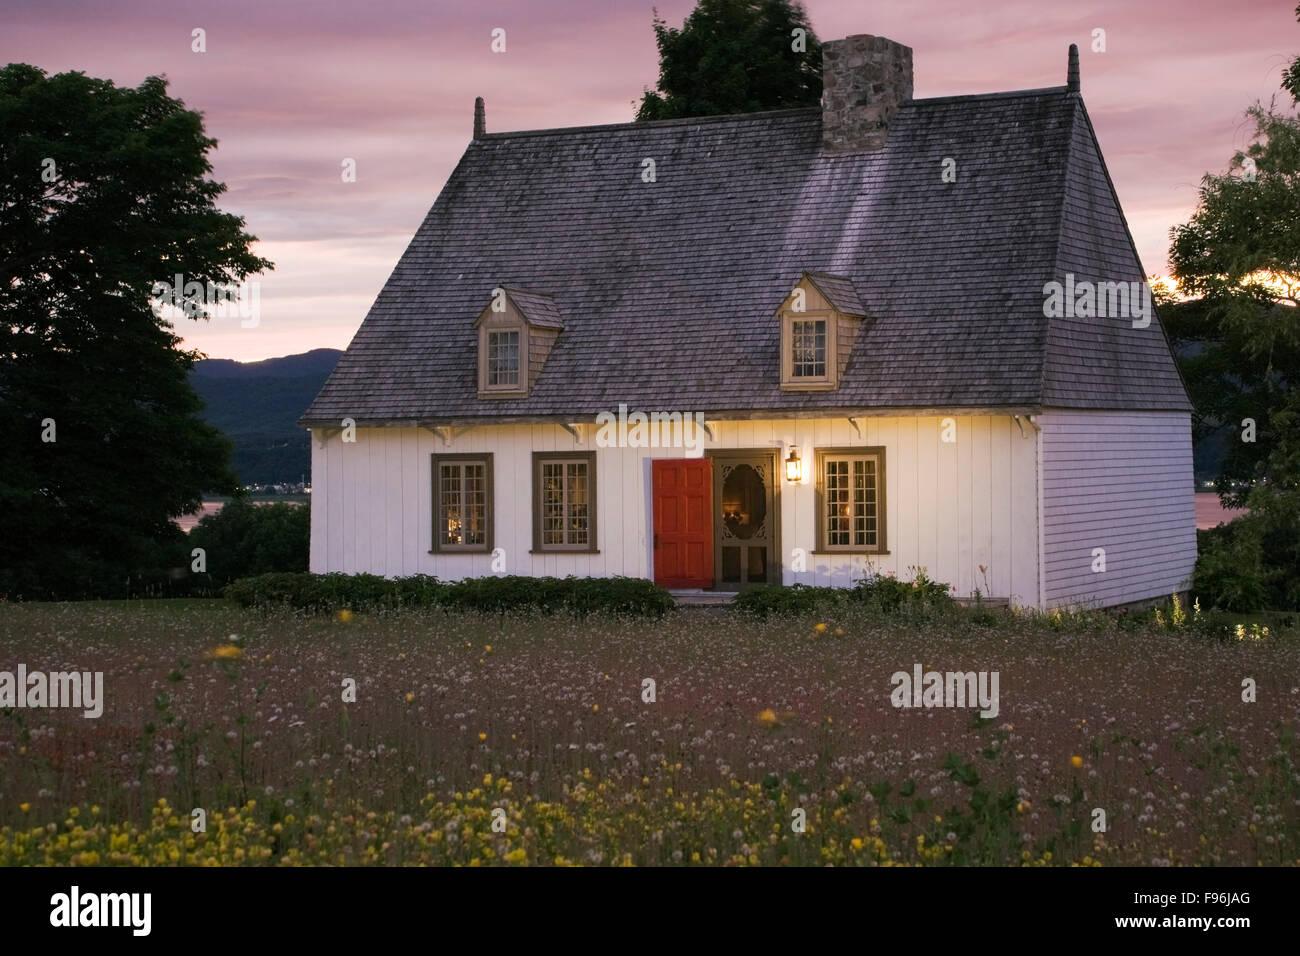 Ile dorleans photos ile dorleans images alamy for Modele de petite maison